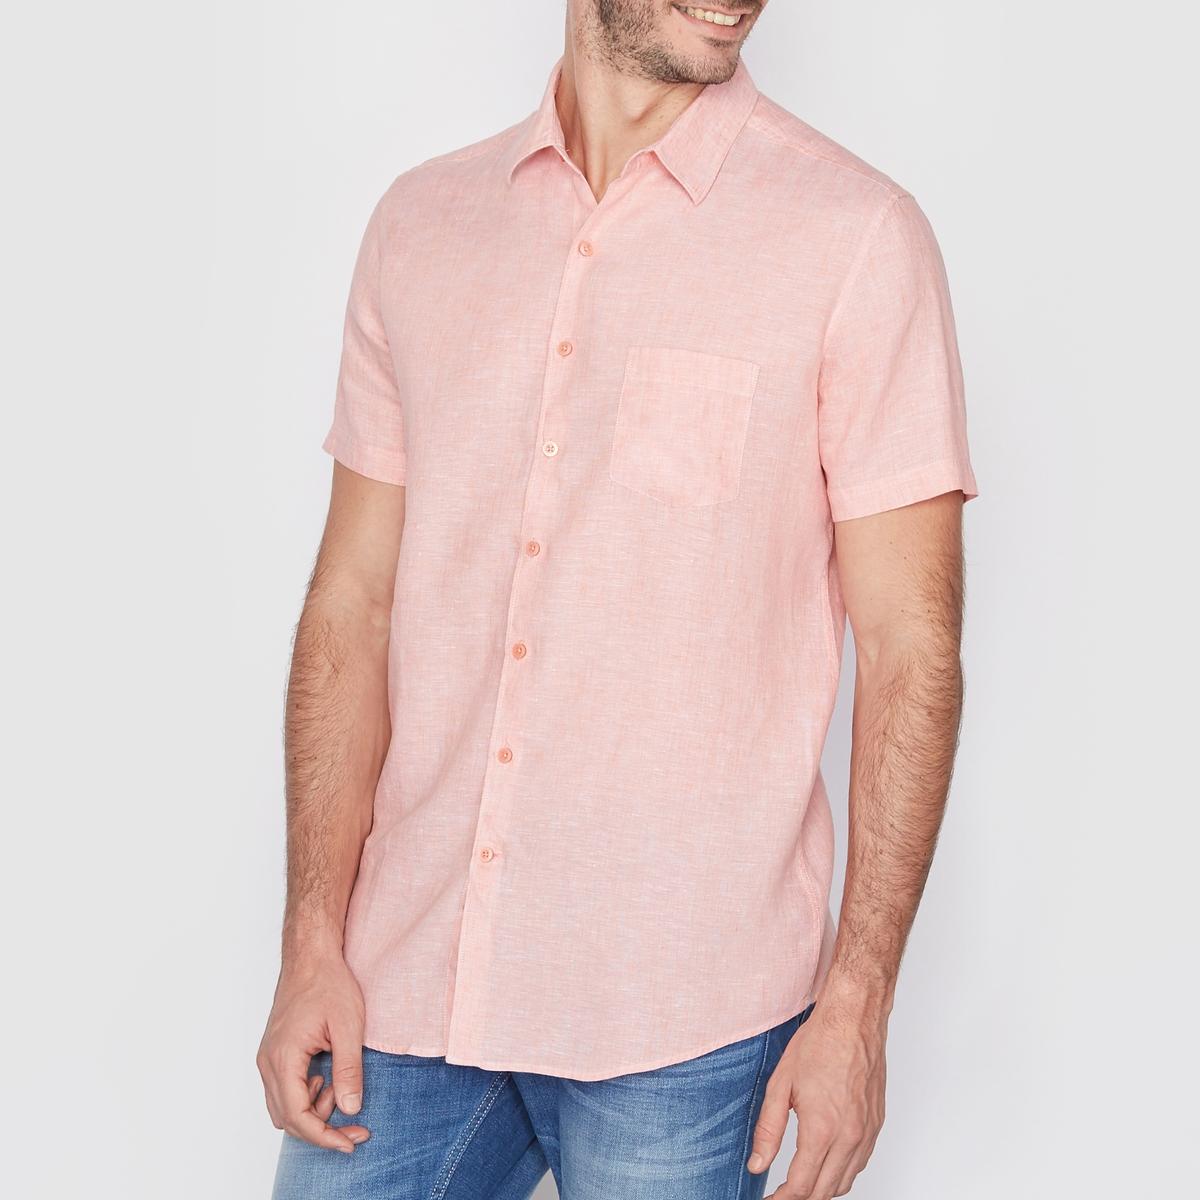 Рубашка прямого покроя с короткими рукавами, 100% ленРубашка, 100% лен. Прямой покрой. Воротник со свободными уголками. Короткие рукава. Длина 77 см.<br><br>Цвет: оранжевый меланж<br>Размер: 37/38